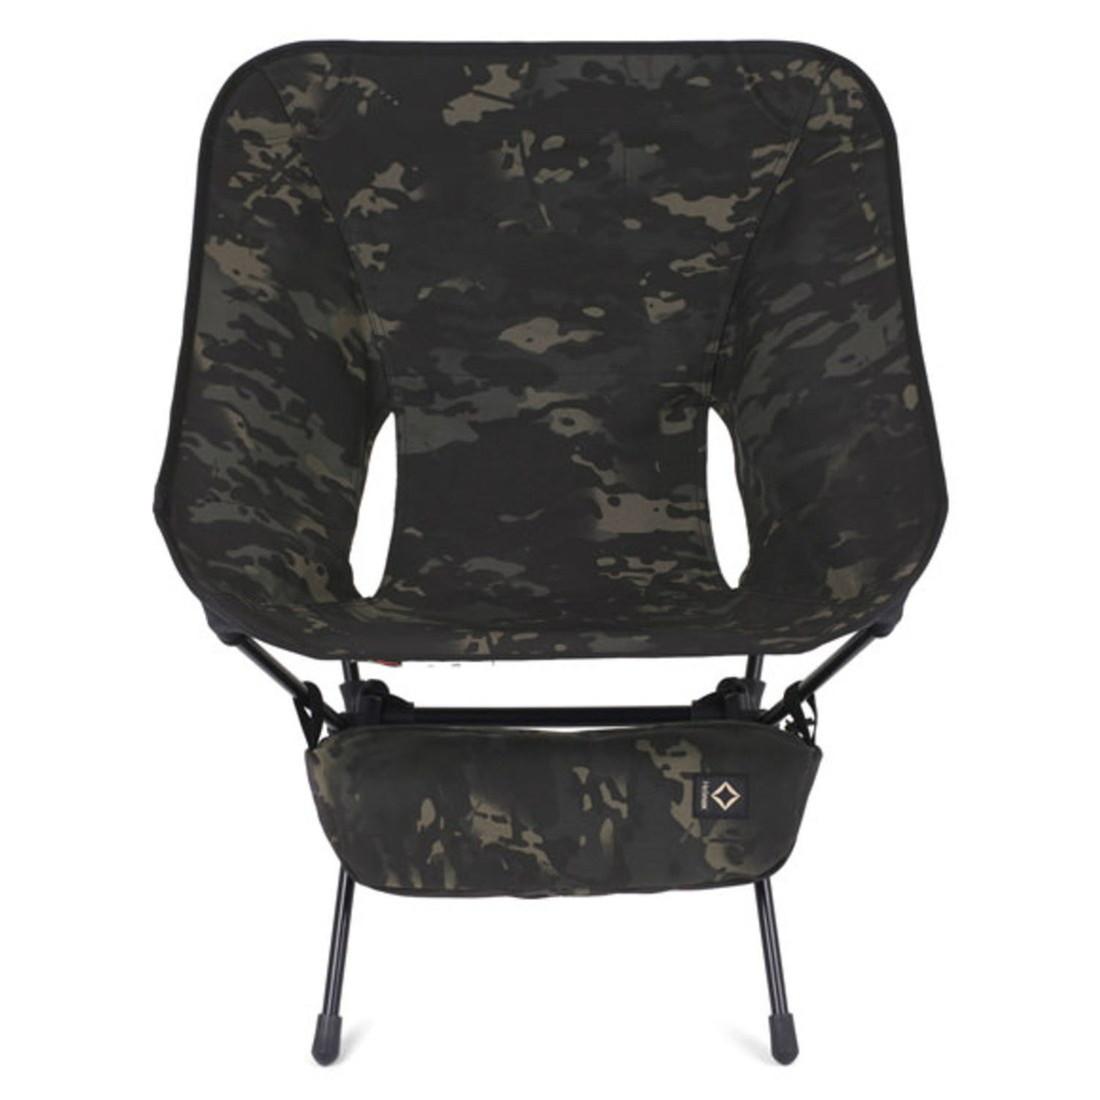 ヘリノックス タクティカルチェアL MCブラック マルチカム 折りたたみ椅子  国内正規品